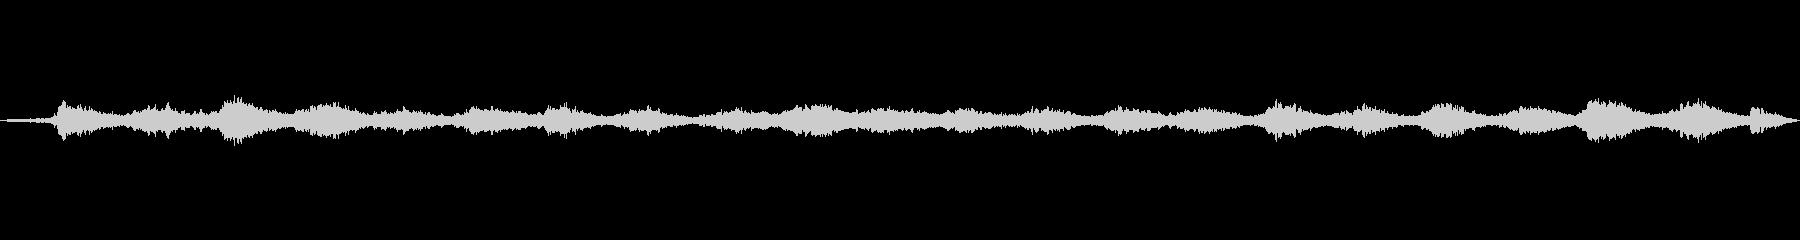 異空間な音の未再生の波形